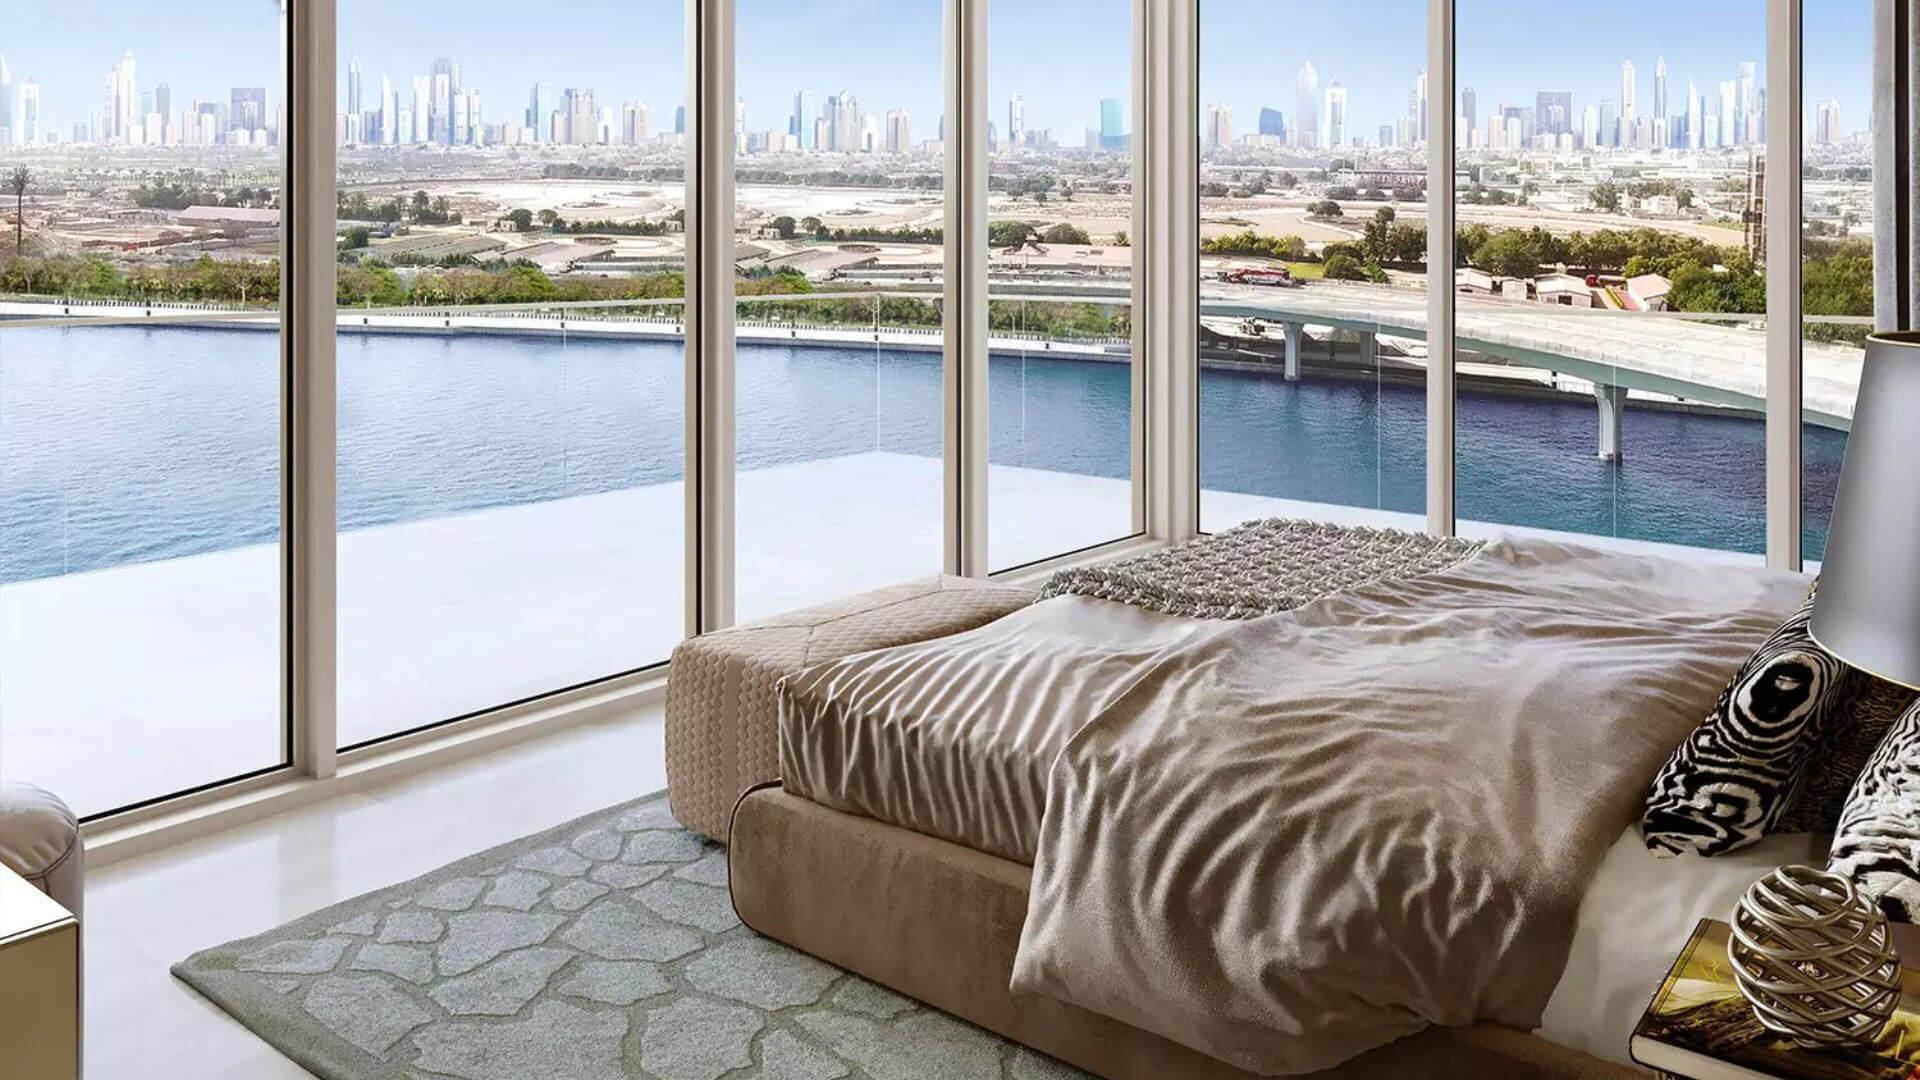 Apartamento en venta en Dubai, EAU, 2 dormitorios, 103 m2, № 24663 – foto 1